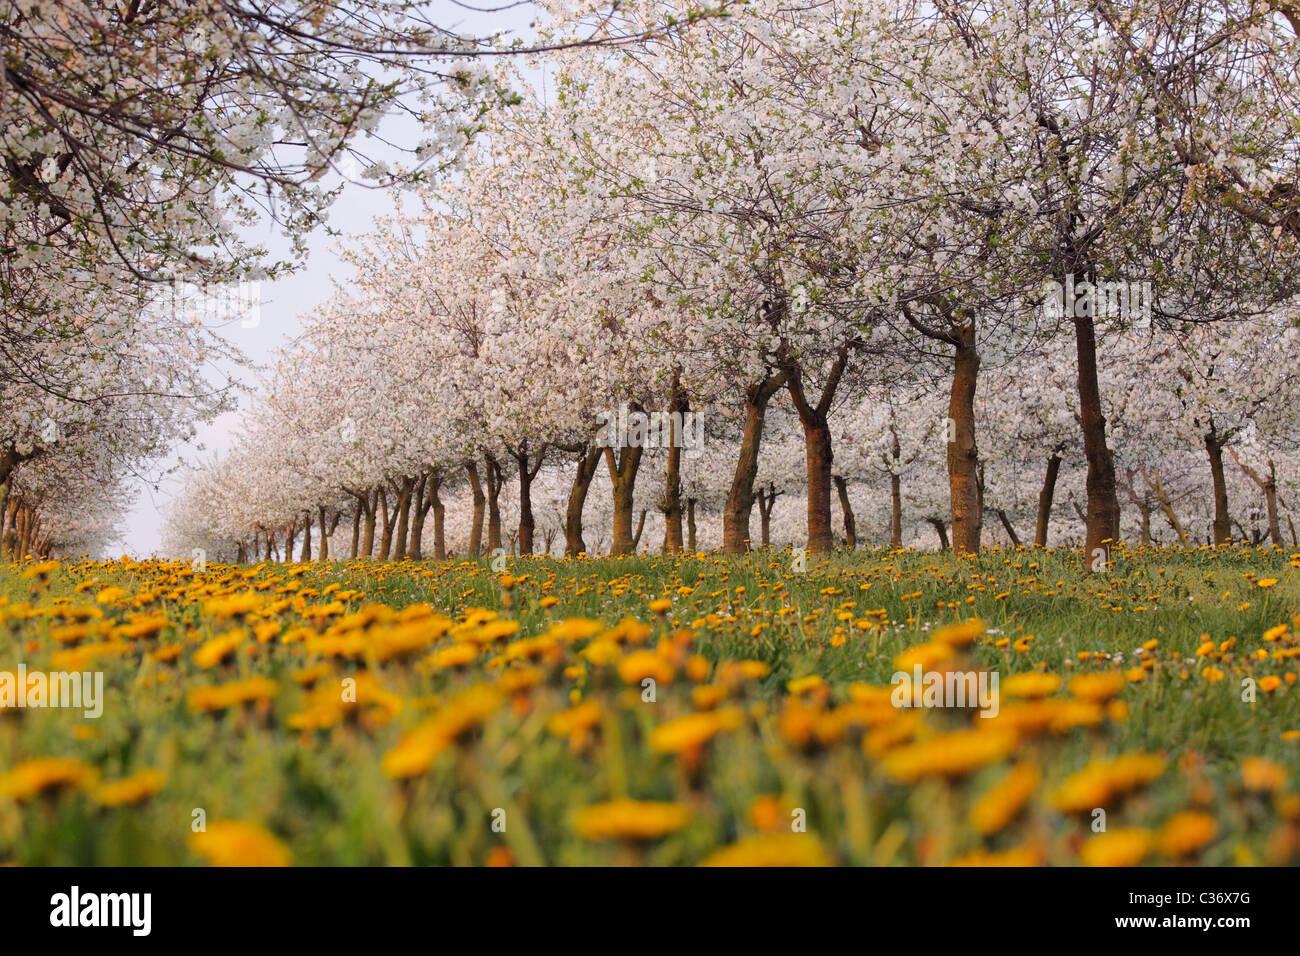 Kirschblüte und Löwenzahn in einer Plantage im Frühjahr Stockbild